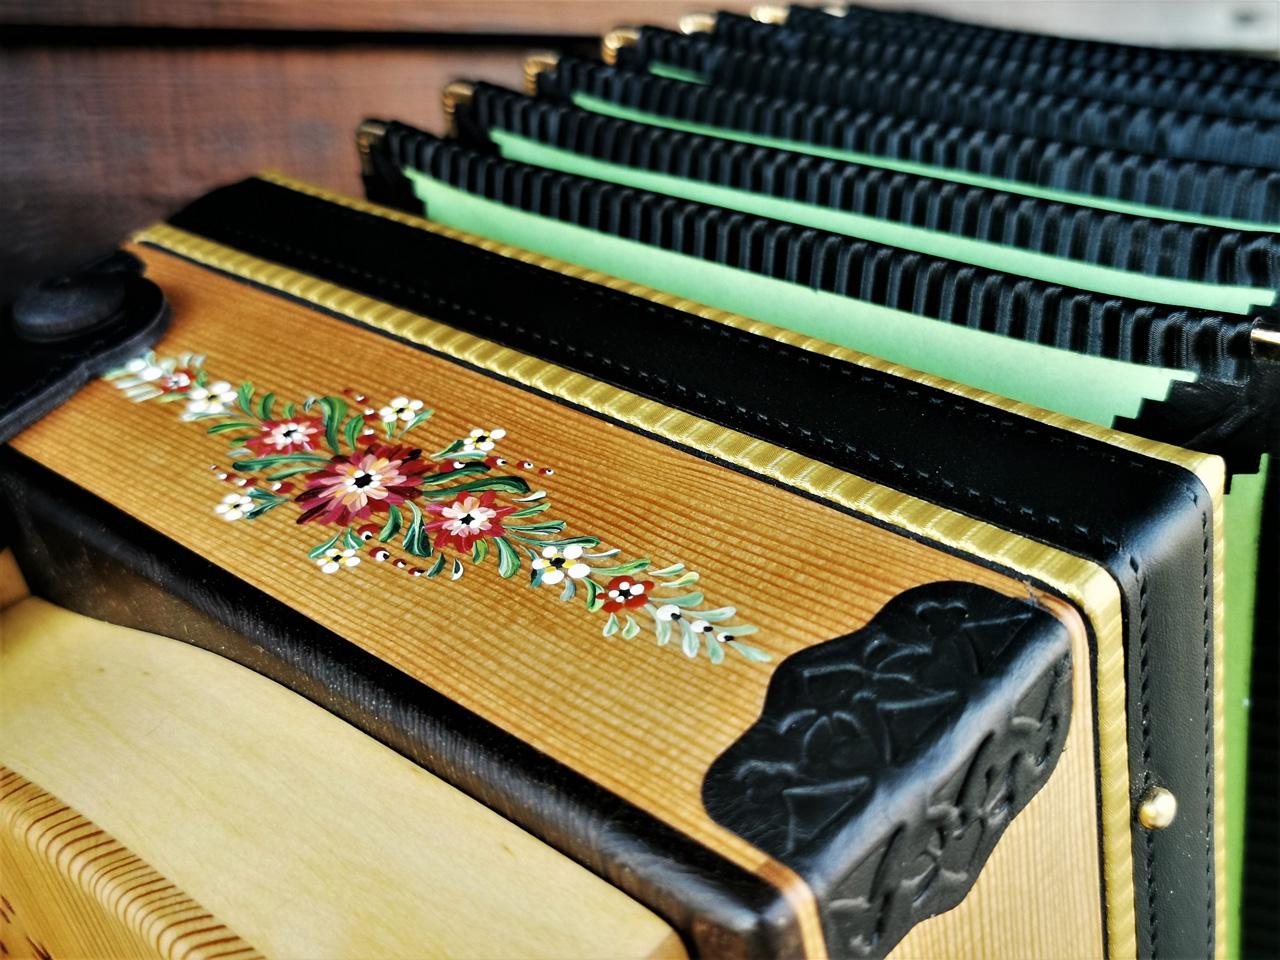 Steirische Harmonika aus Lärchenholz mit Bauernmalerei von oben